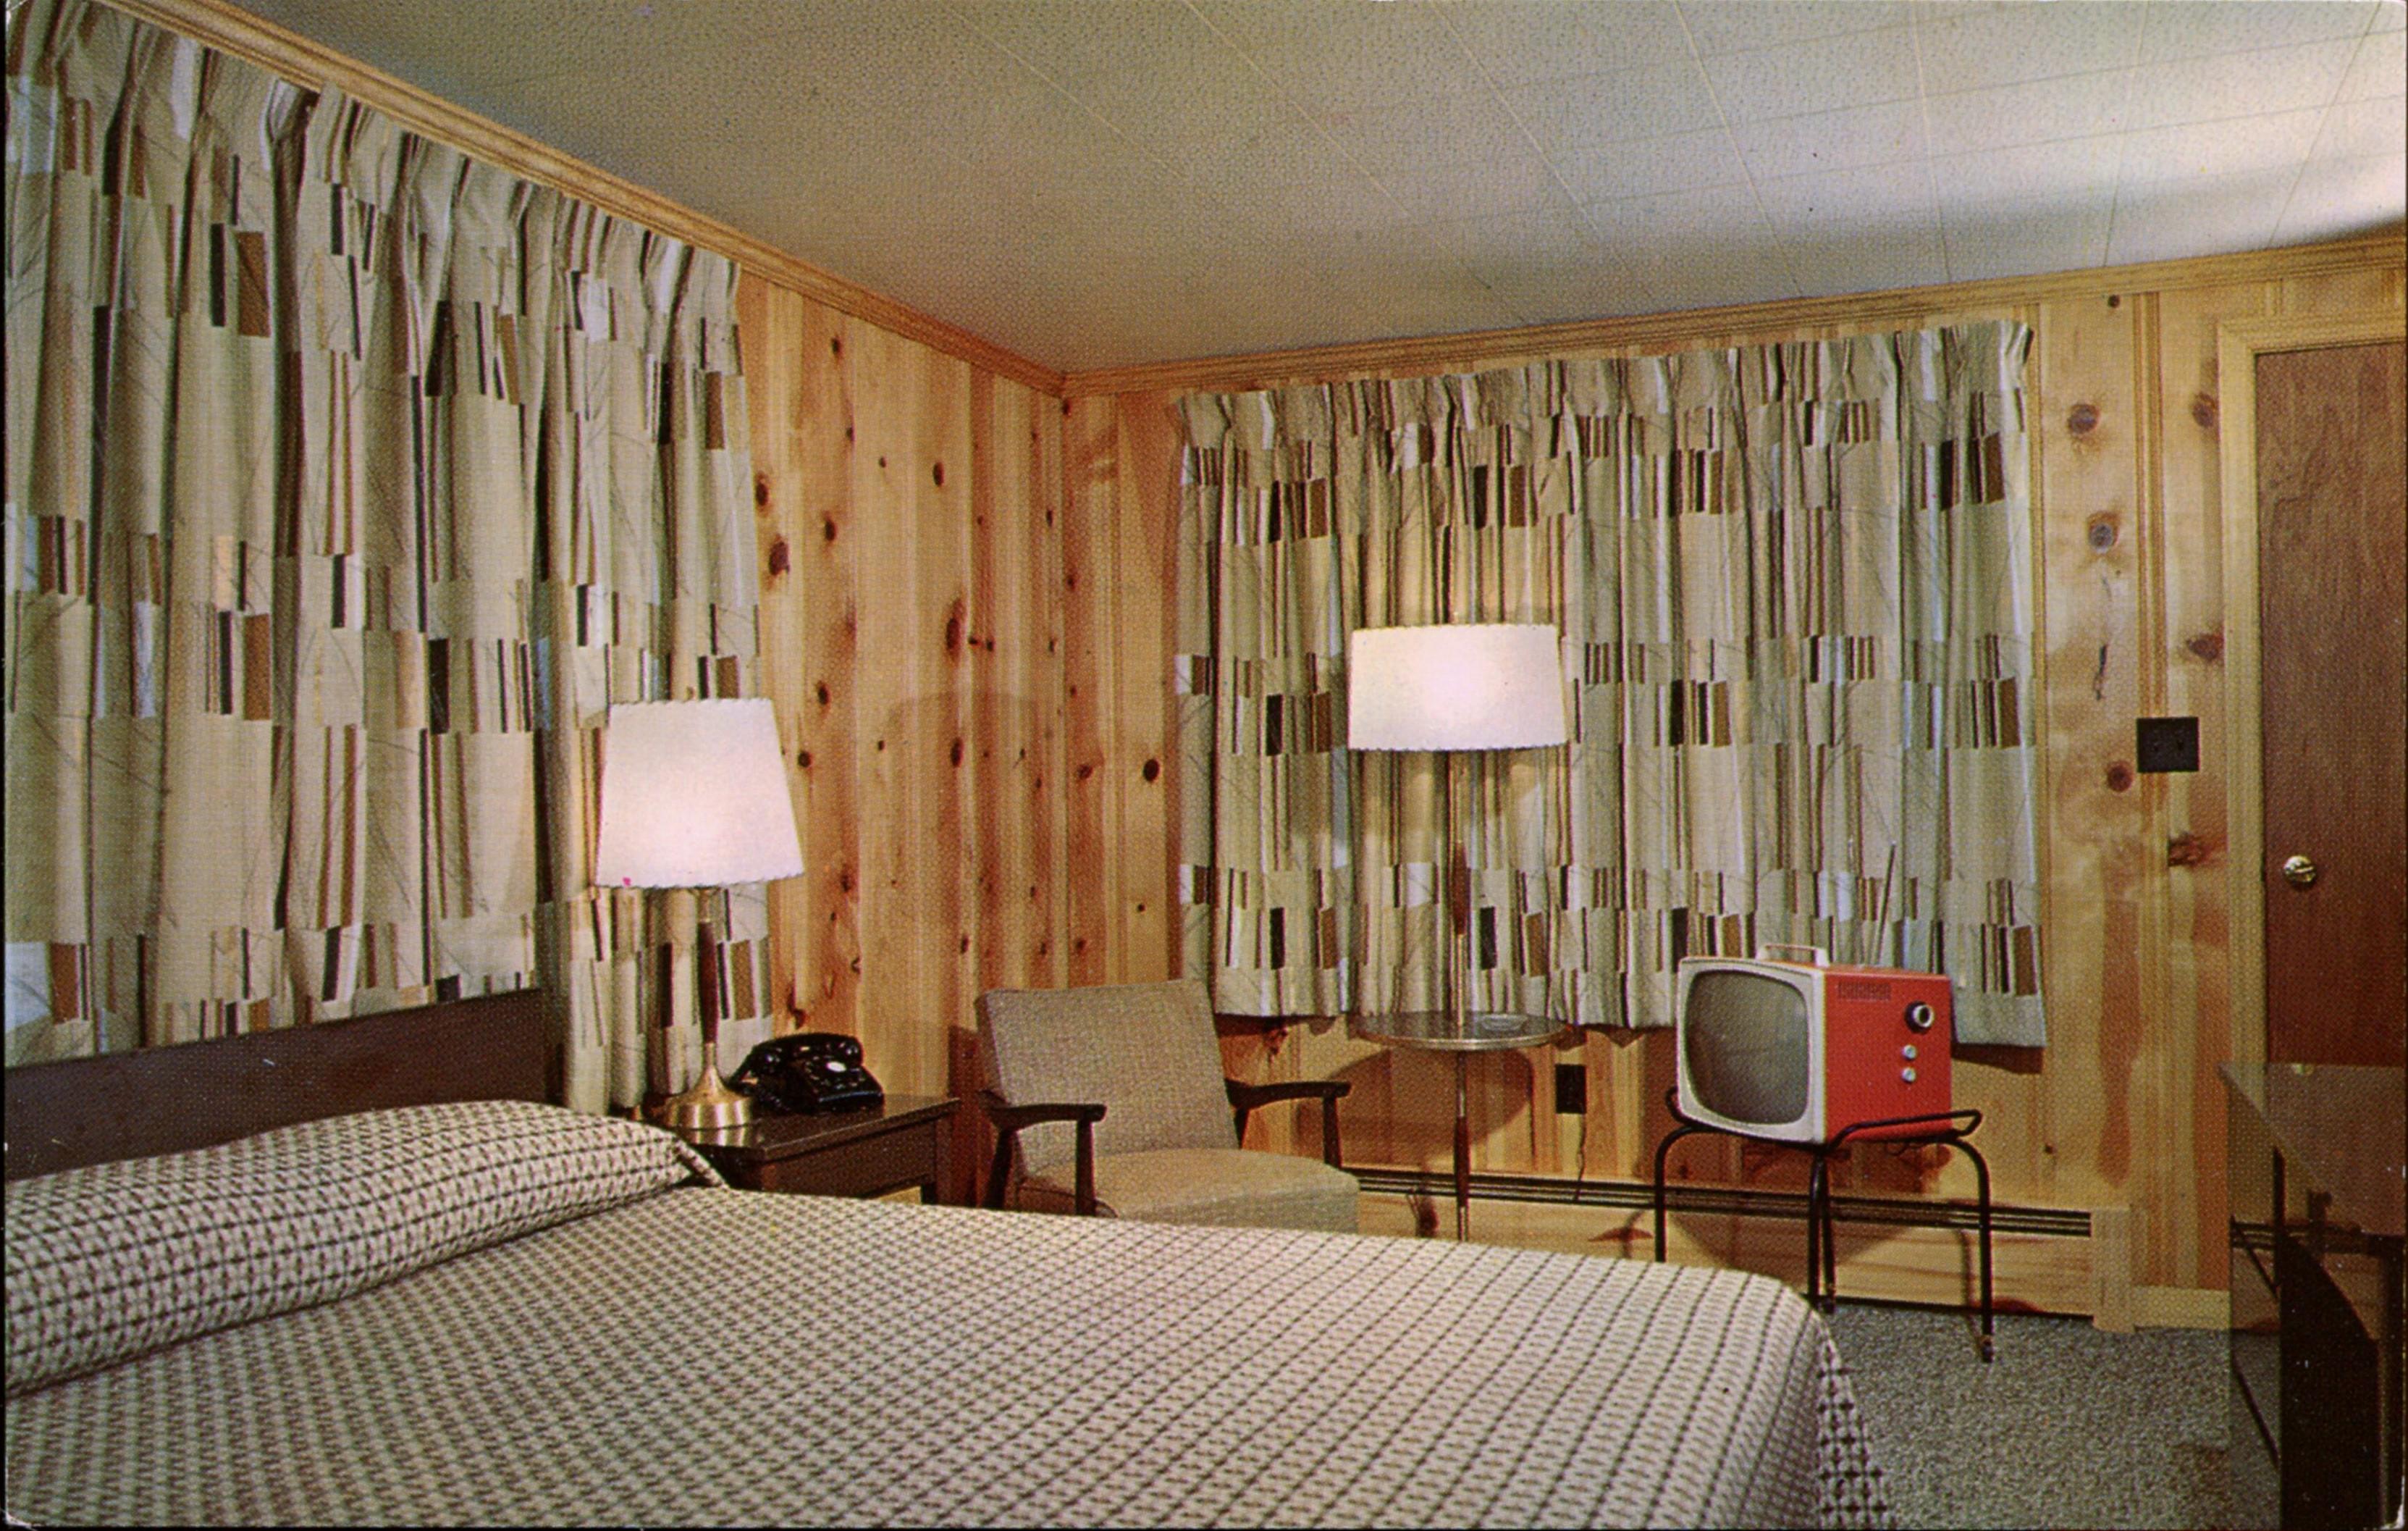 Ingyenes háttérképek : építészet, belső, ágy, fal, szálloda ...